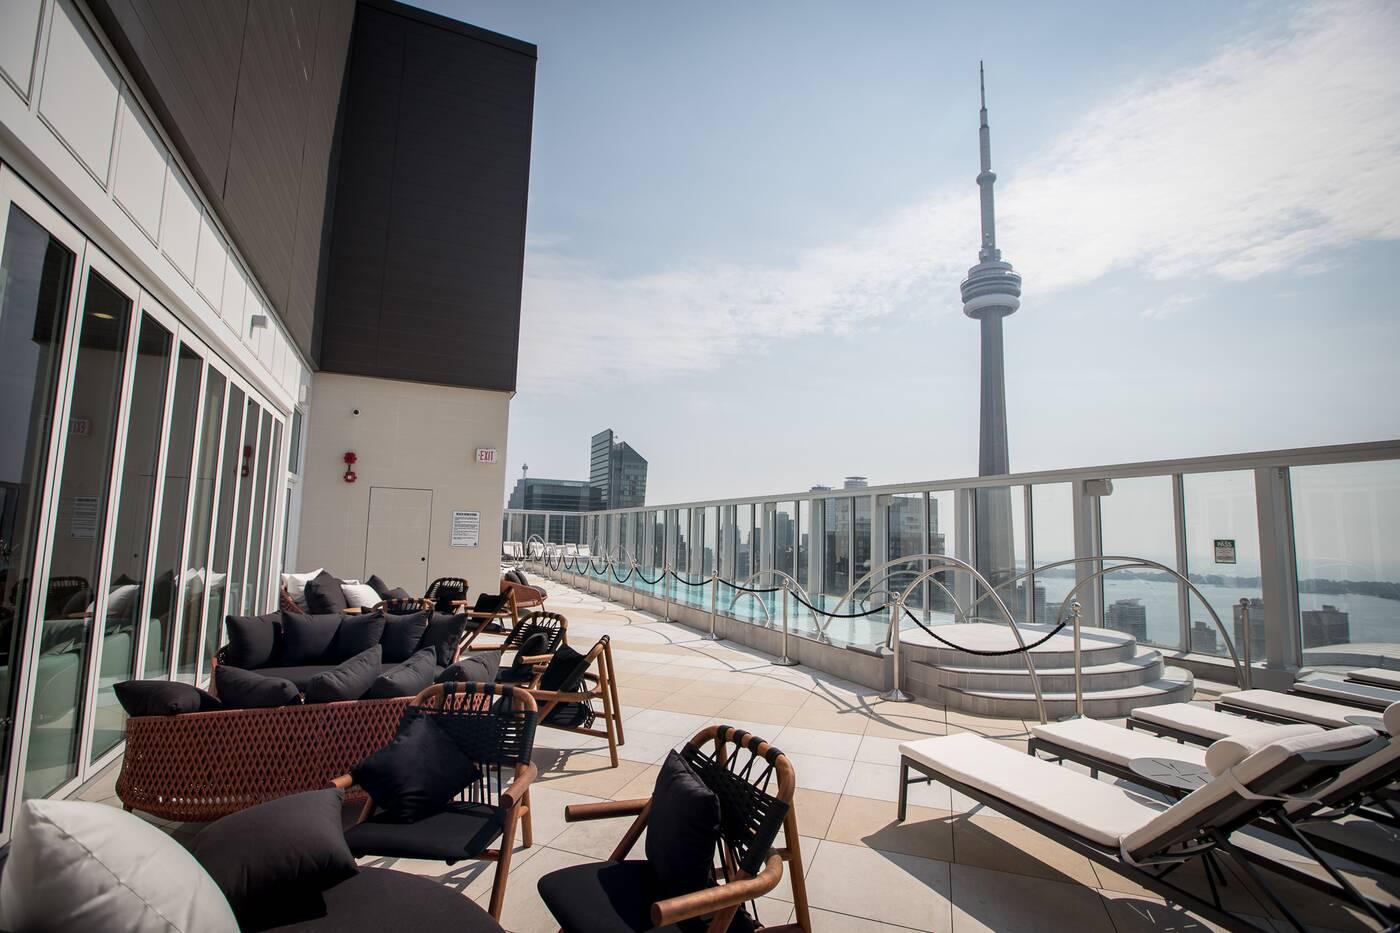 Kost BlogTO Toronto